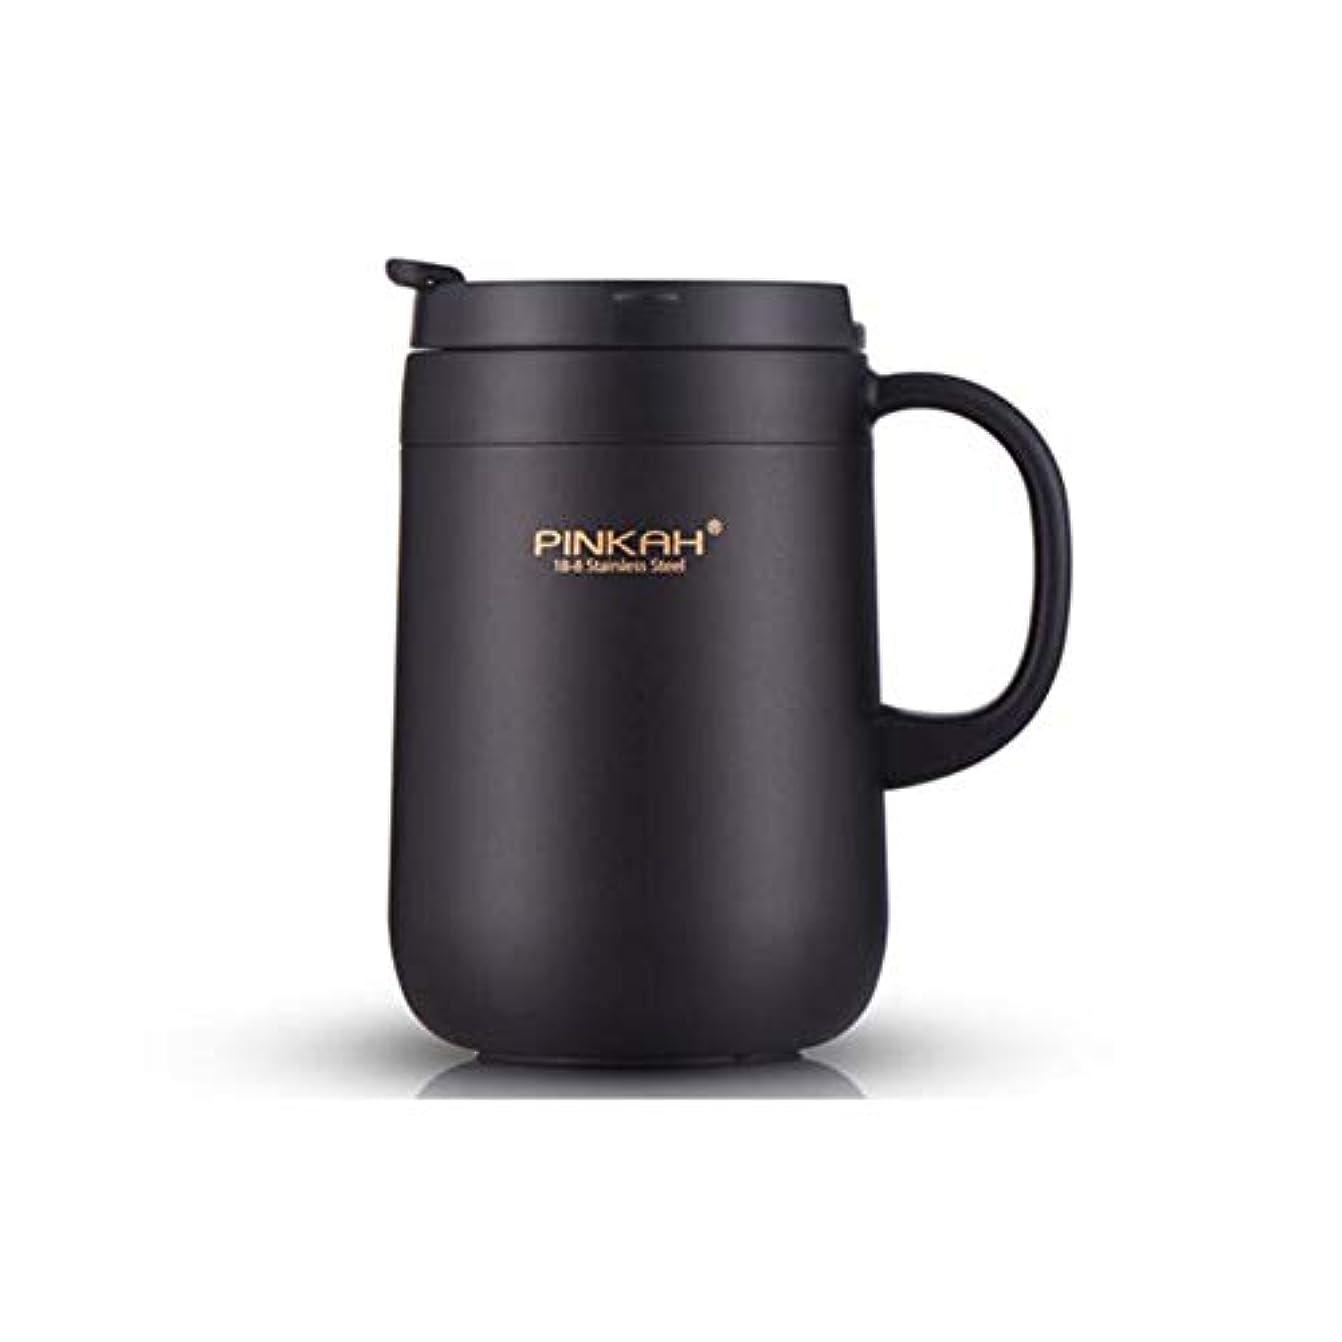 追加する慎重贈り物FH 304ステンレス鋼の真空フラスコ大容量のティーカップダブルカバーハンドルオフィスコーヒーカップ (色 : ブラック)